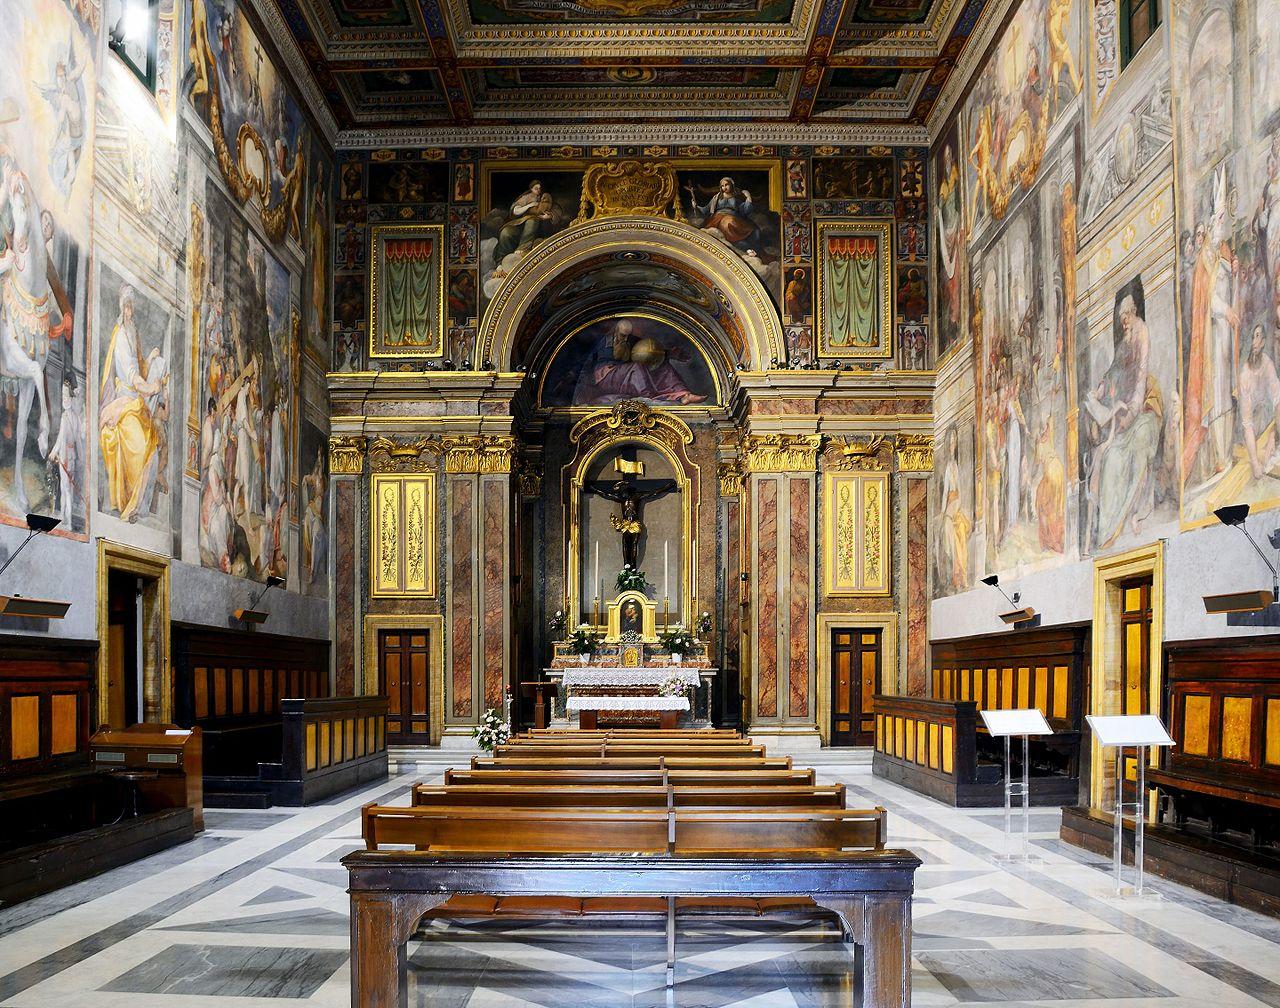 L'interno dell'oratorio del Santissimo Crocifisso